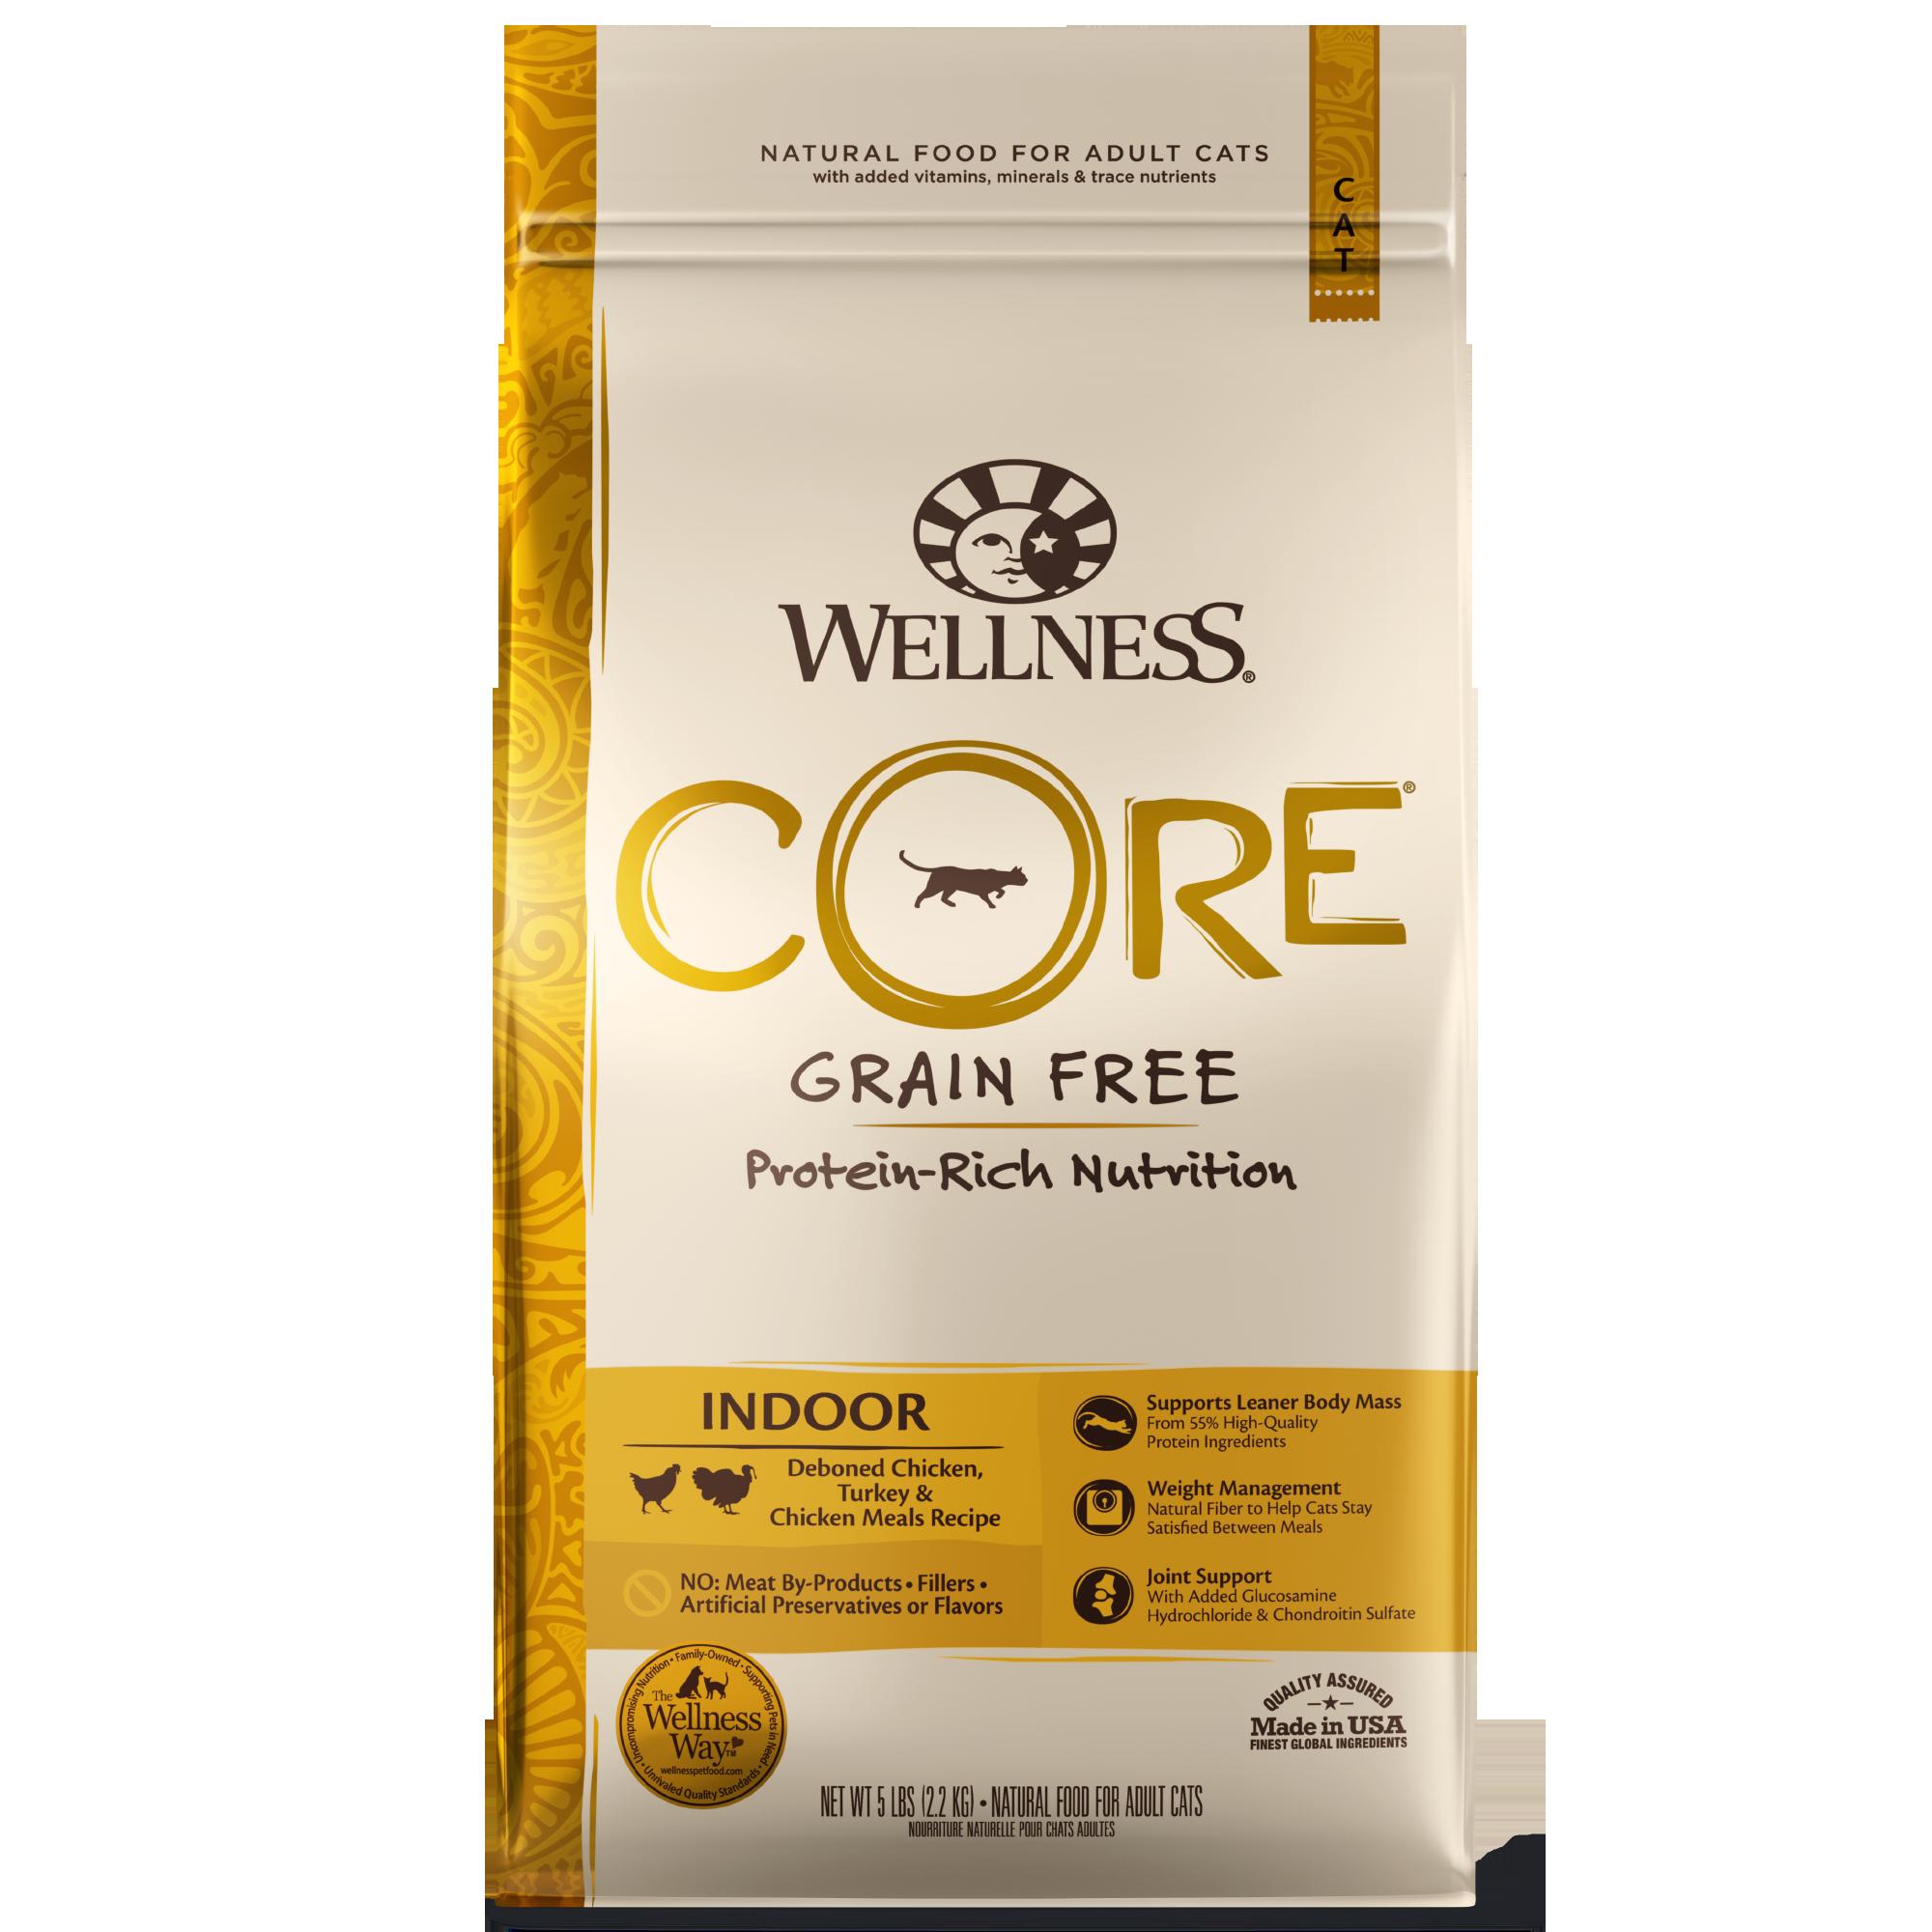 Wellness Core Grain Free Indoor, Chicken, Turkey, & Chicken Meals Recipe, Dry Cat Food, 2-lb bag